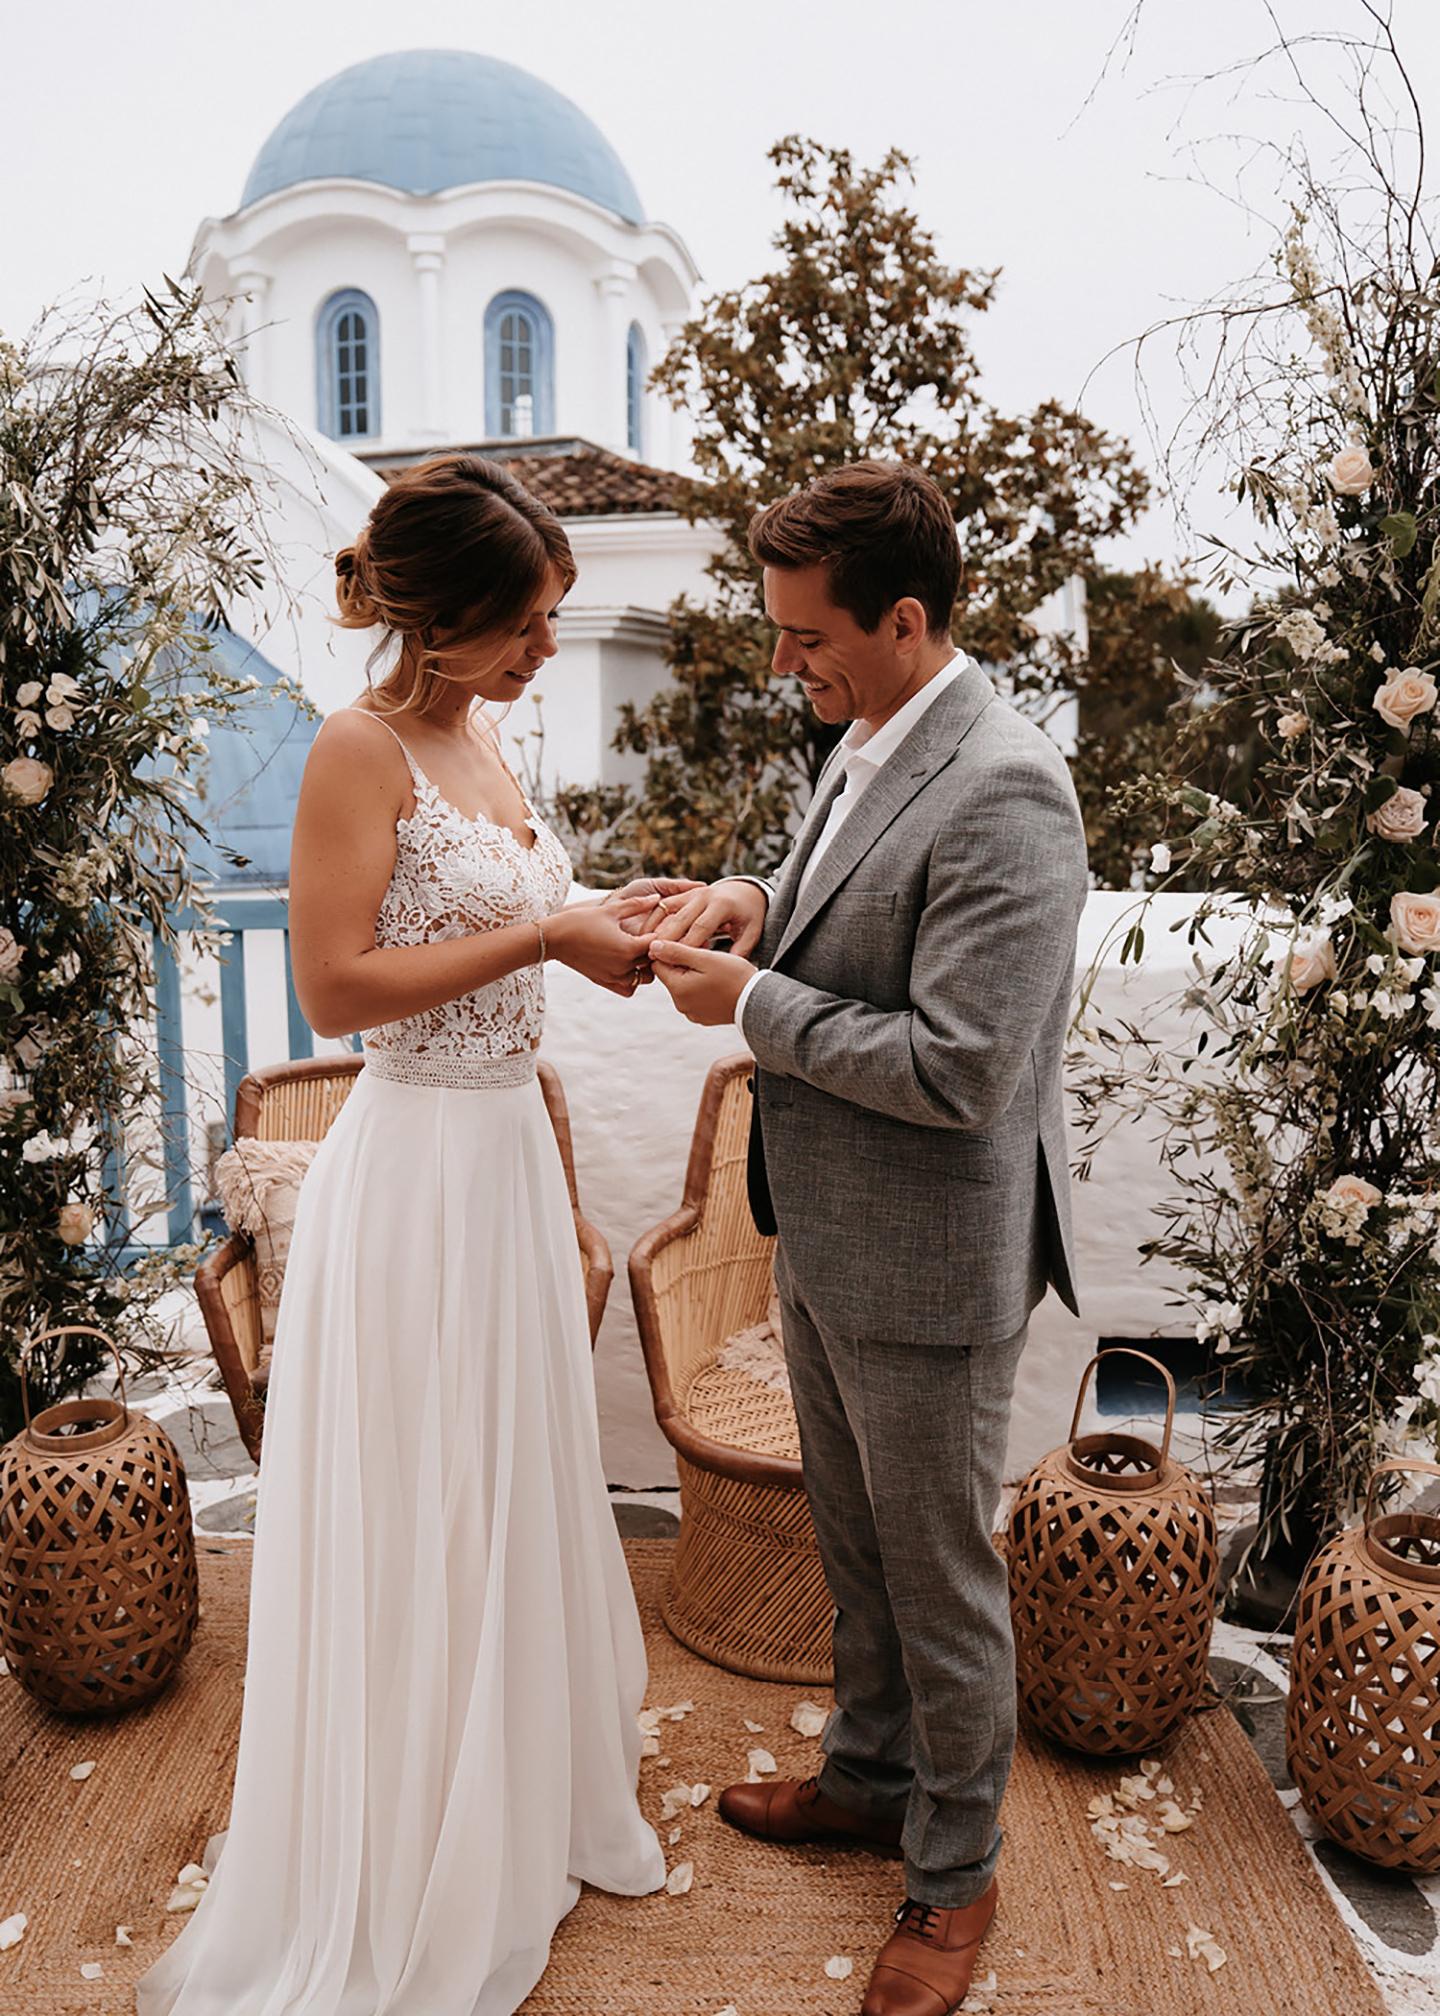 Vor dem Anblick einer griechischen Kapelle mit blauem Dach und geschmückter Atmosphäre steckt die Braut dem Bräutigam den Ehering an den Finger.